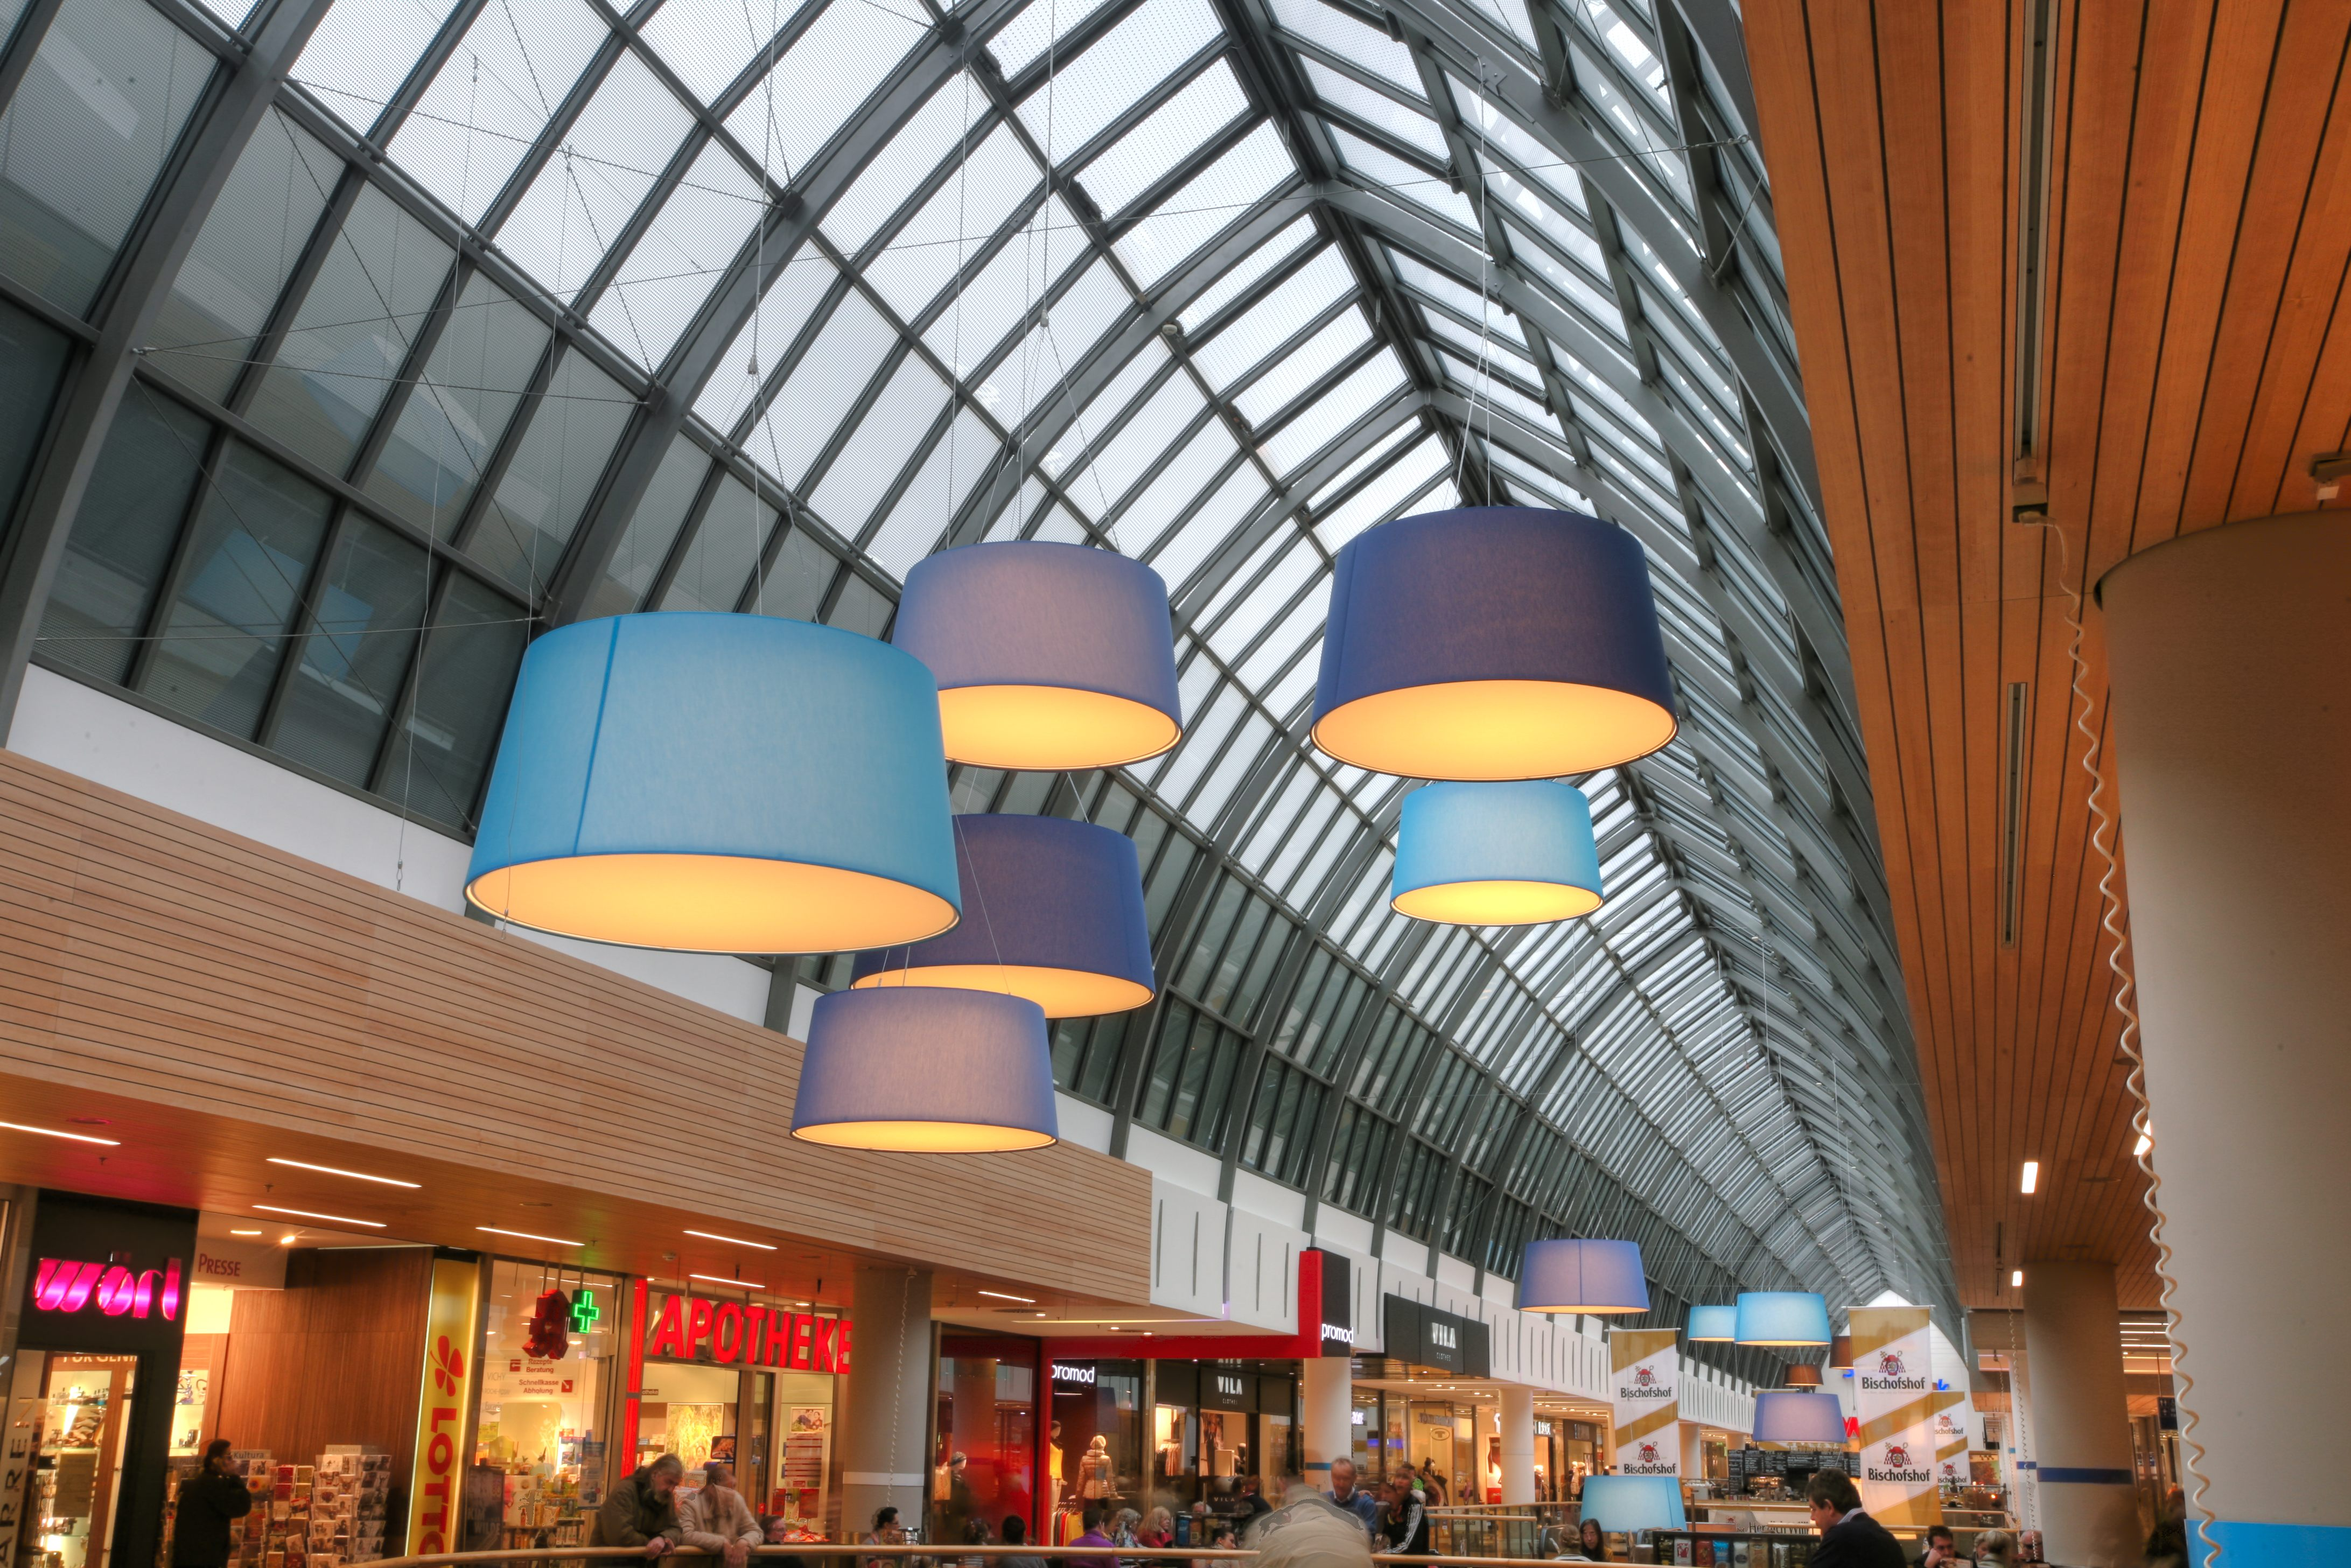 Leuchten Regensburger Arcaden - Regensburg